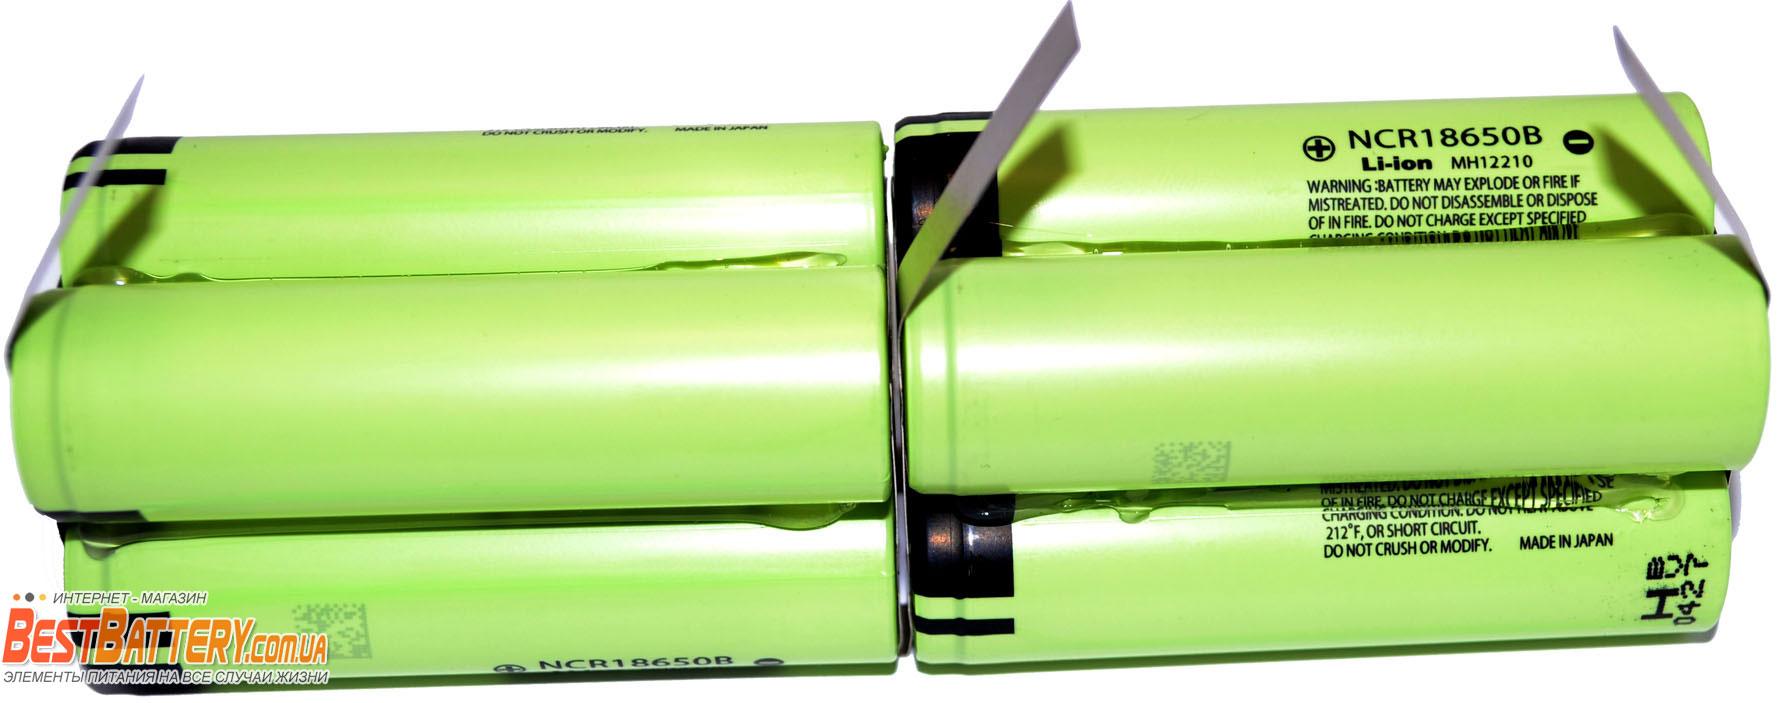 13600 mAh Panasonic NCR18650B аккумуляторная сборка.